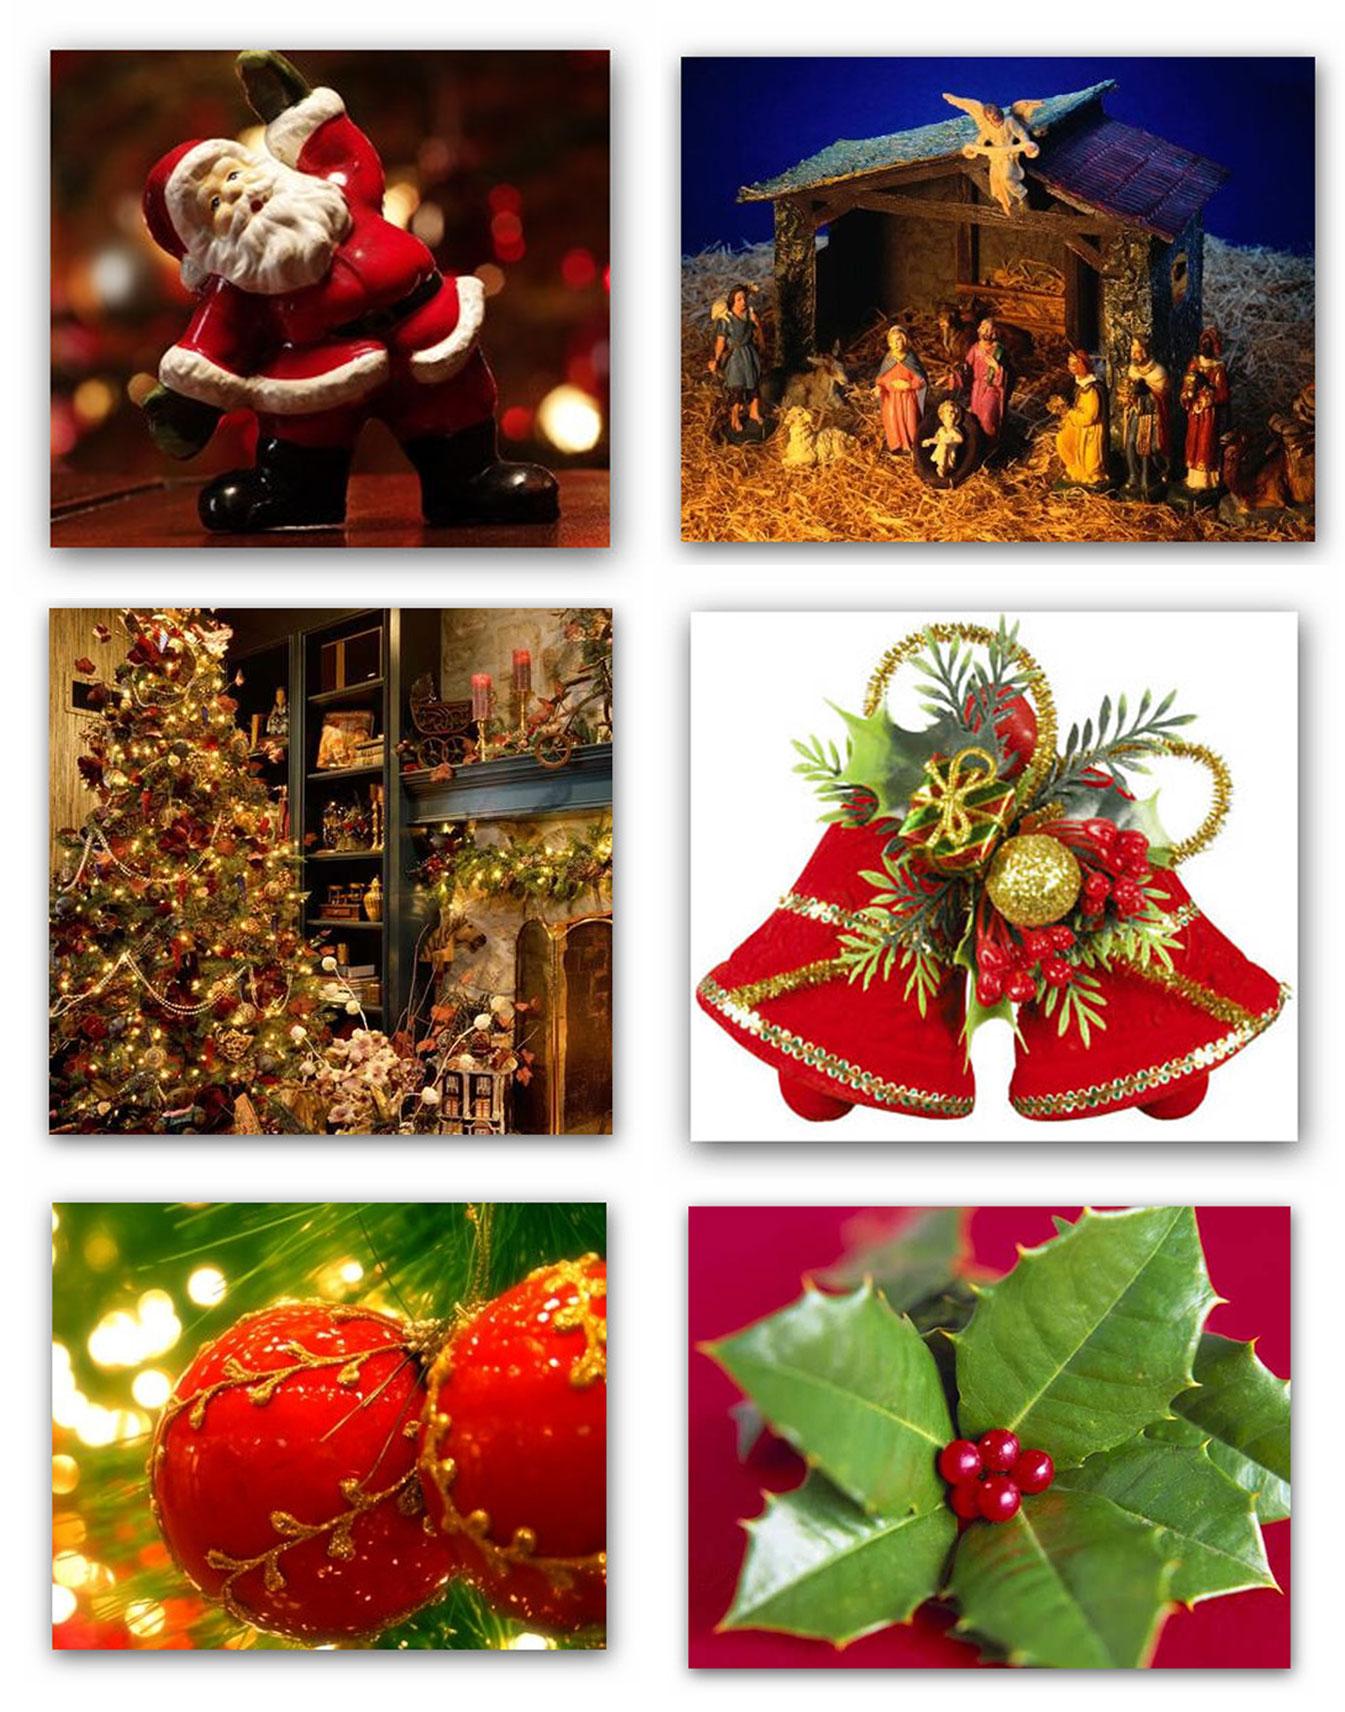 Perche Natale.La Festa Di Natale Perche Non Va Santificata